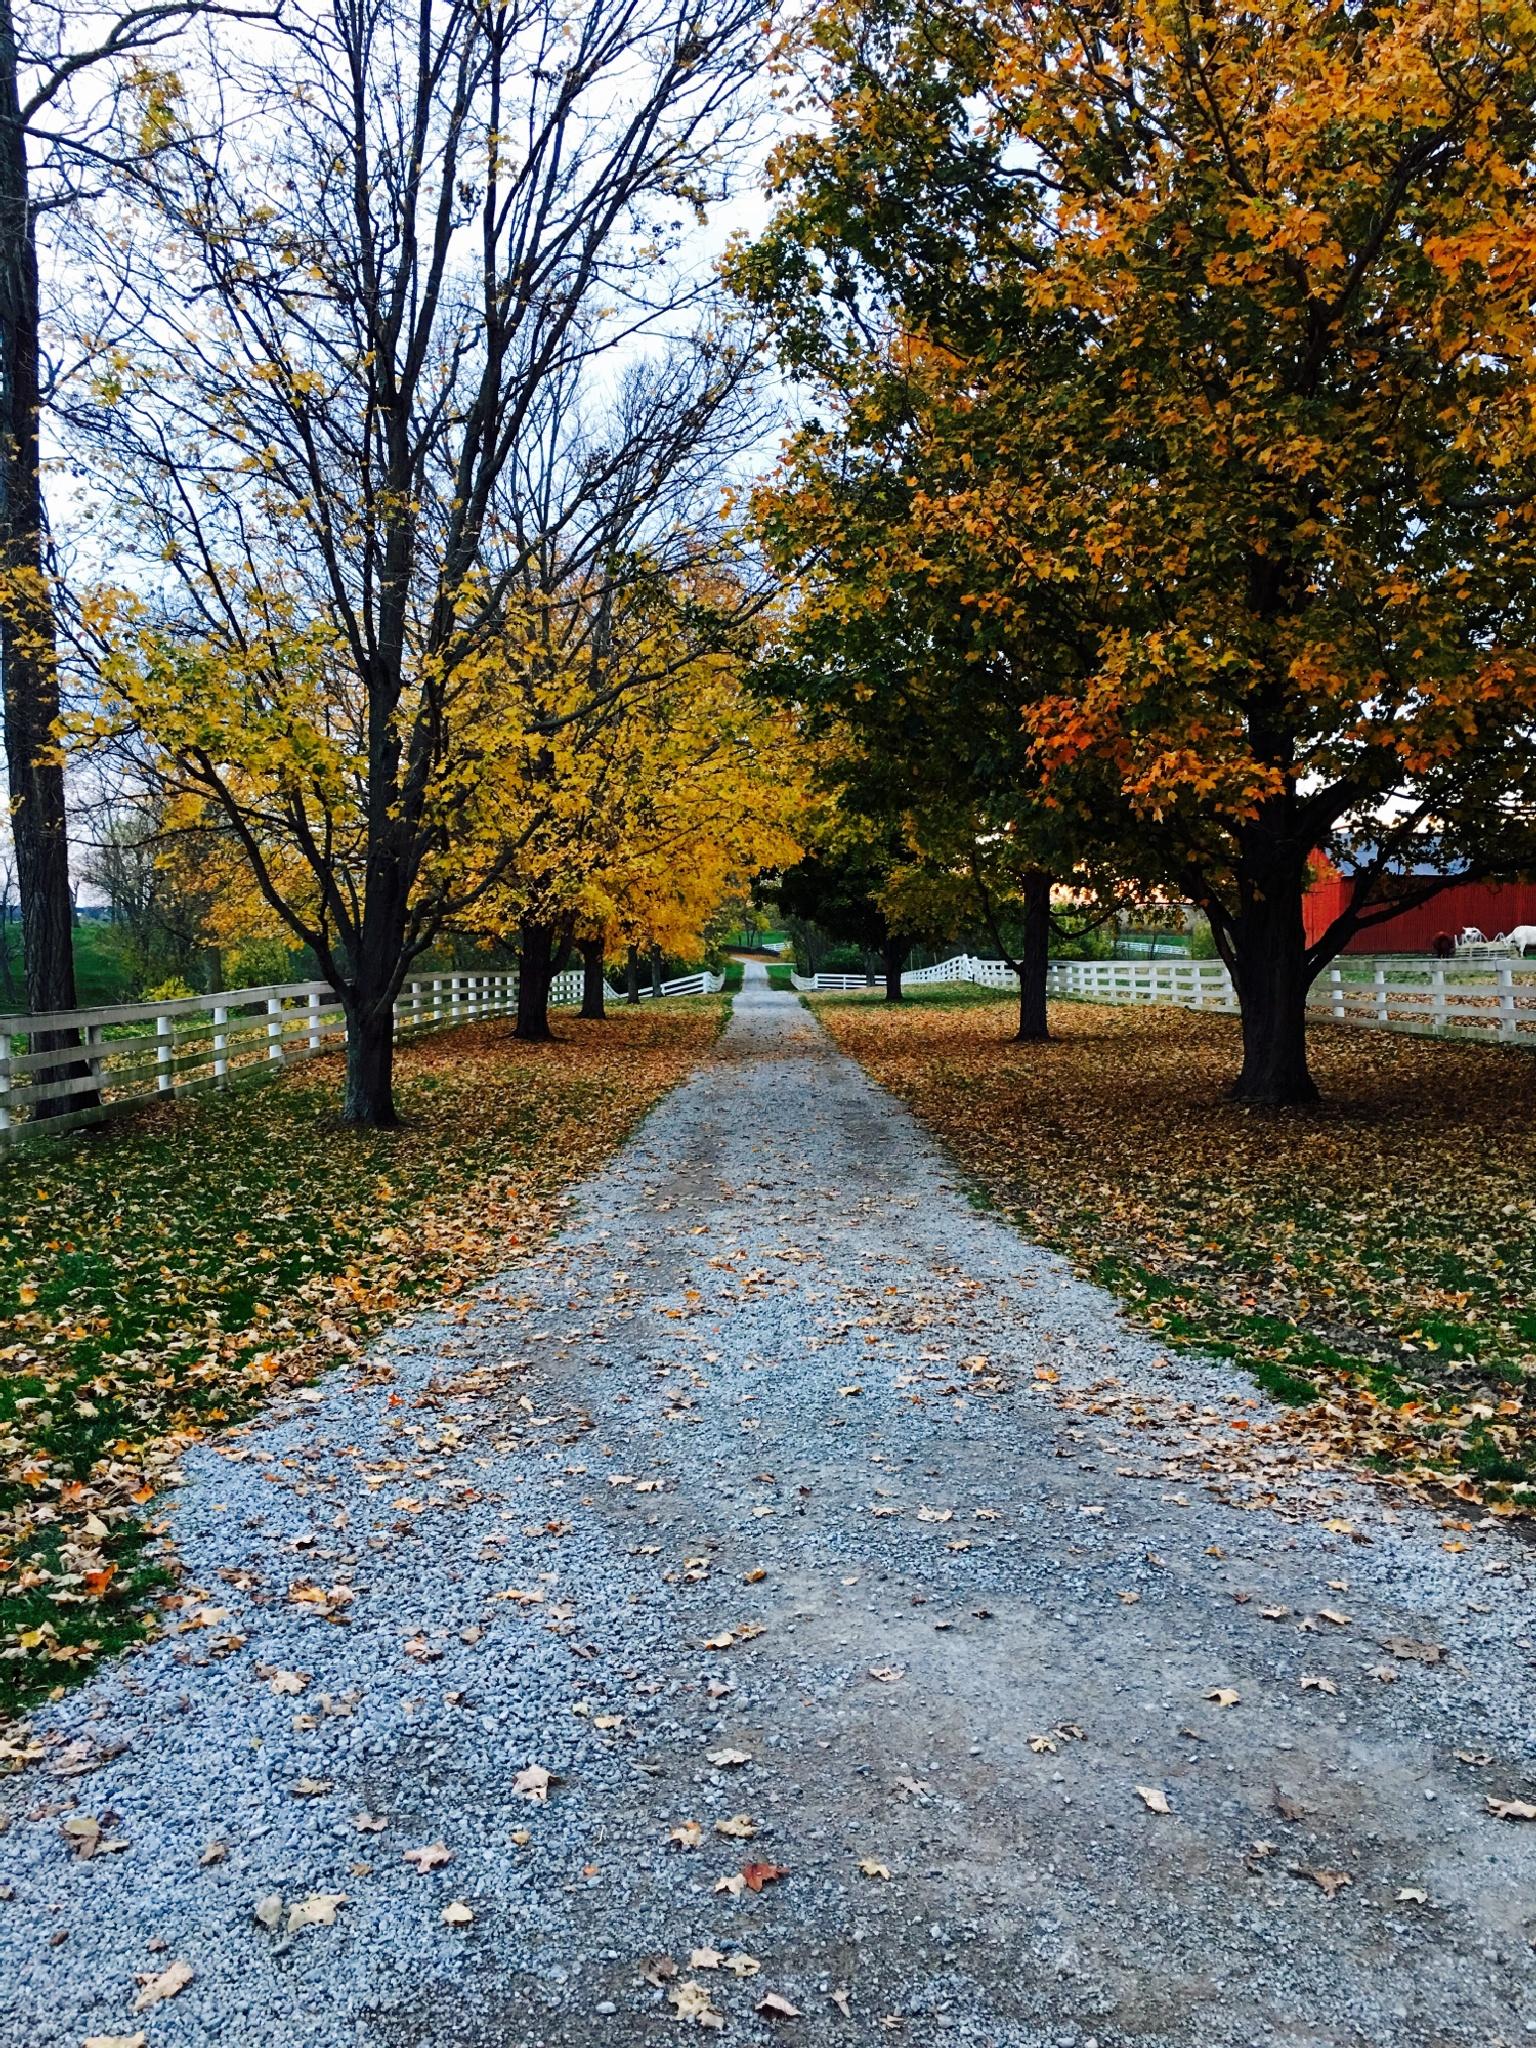 Country road by Julie Sprankel Hatfield